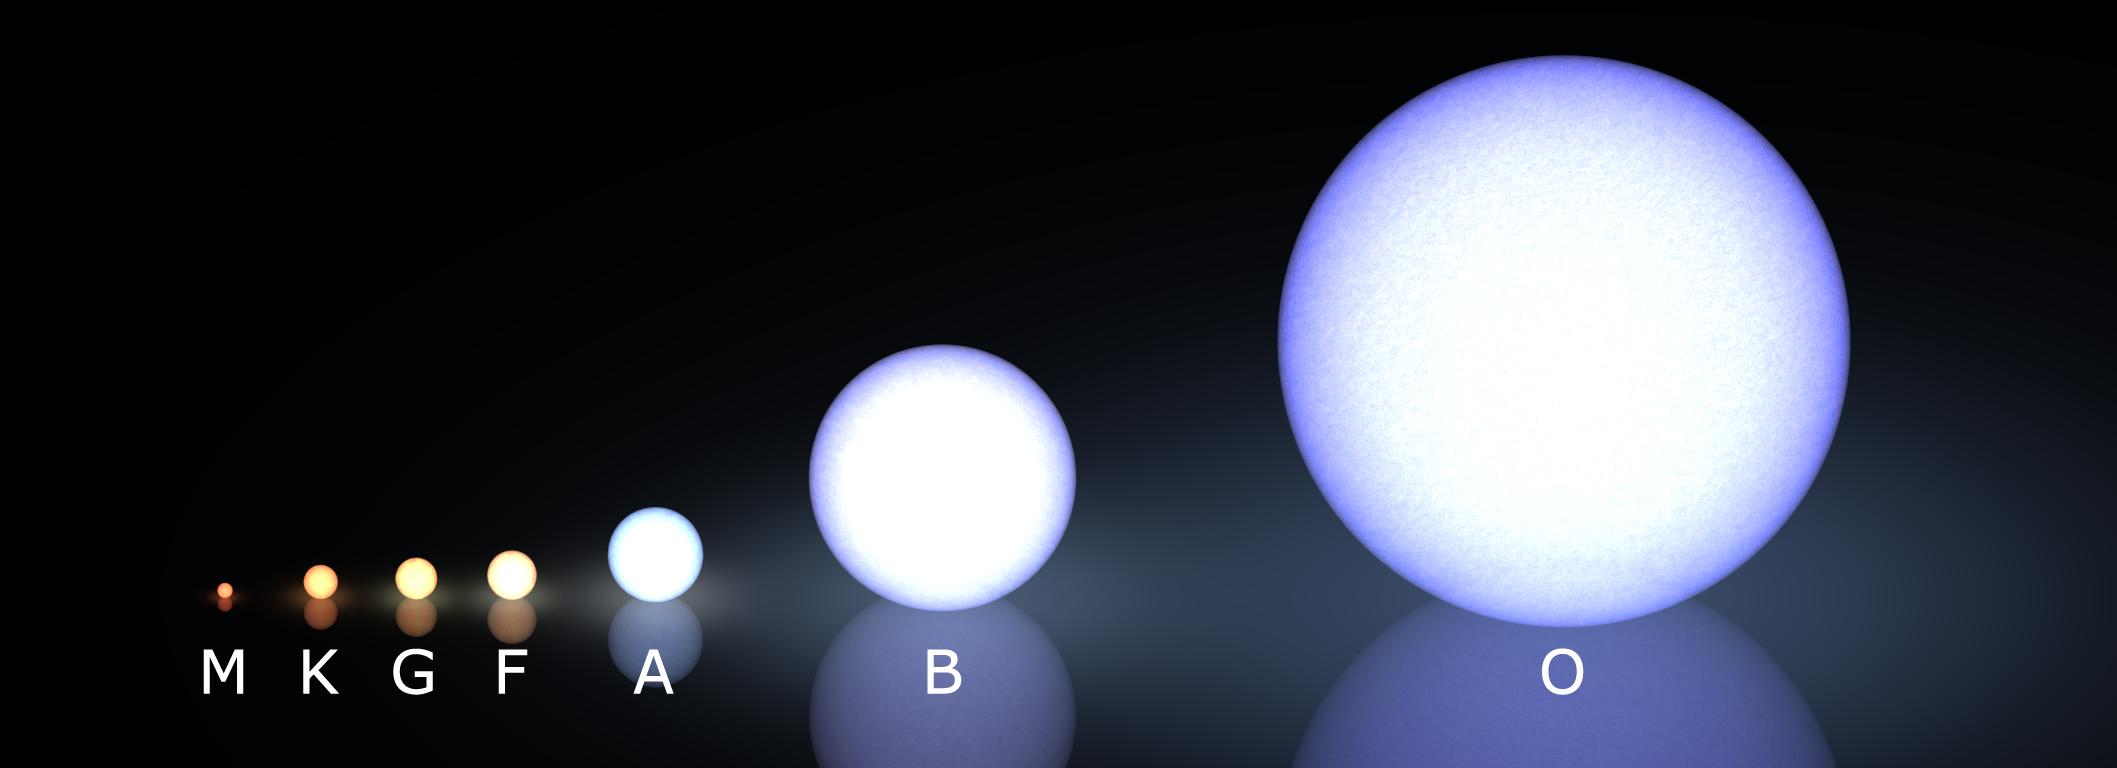 Спектральные классы звёзд - астромания